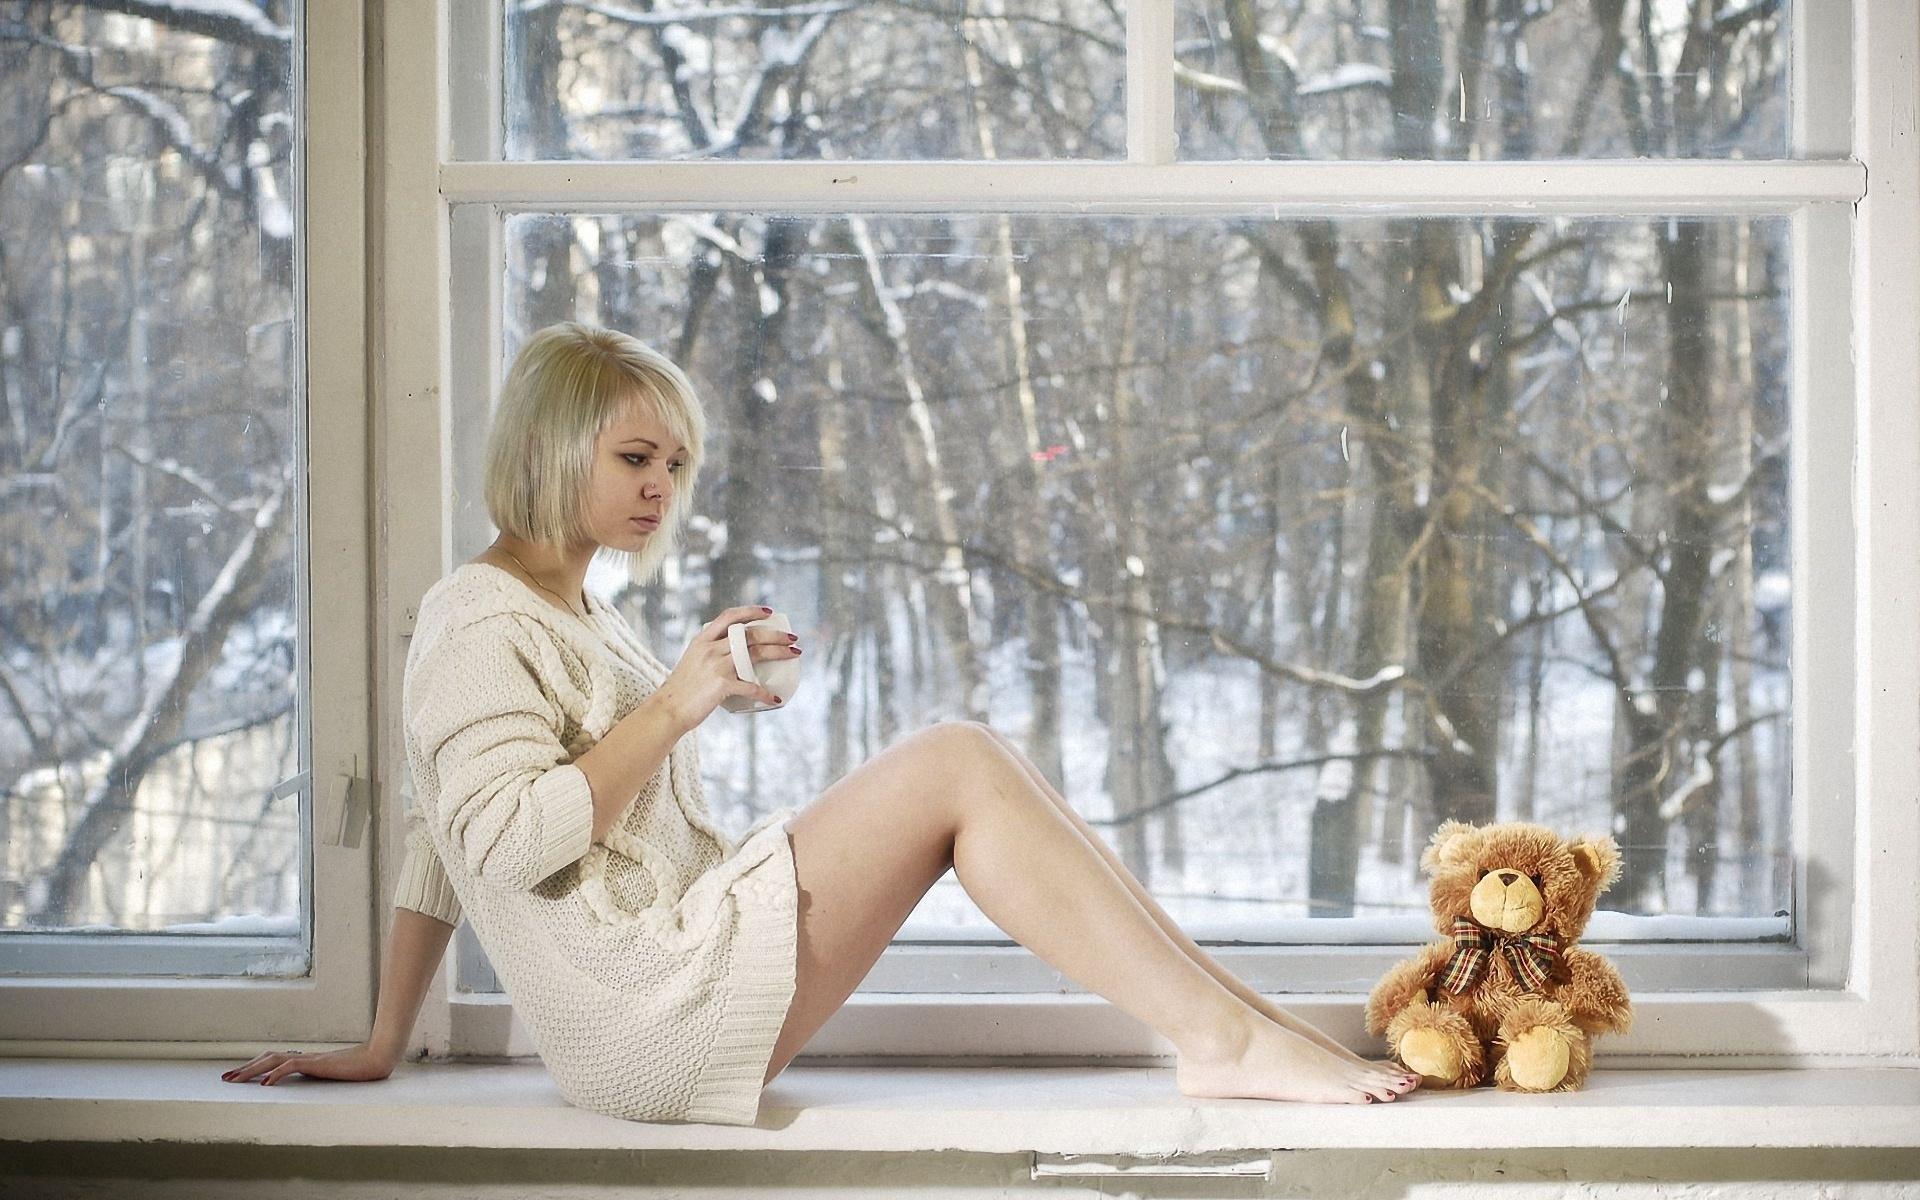 Фото девушка смотрит в окно зимой